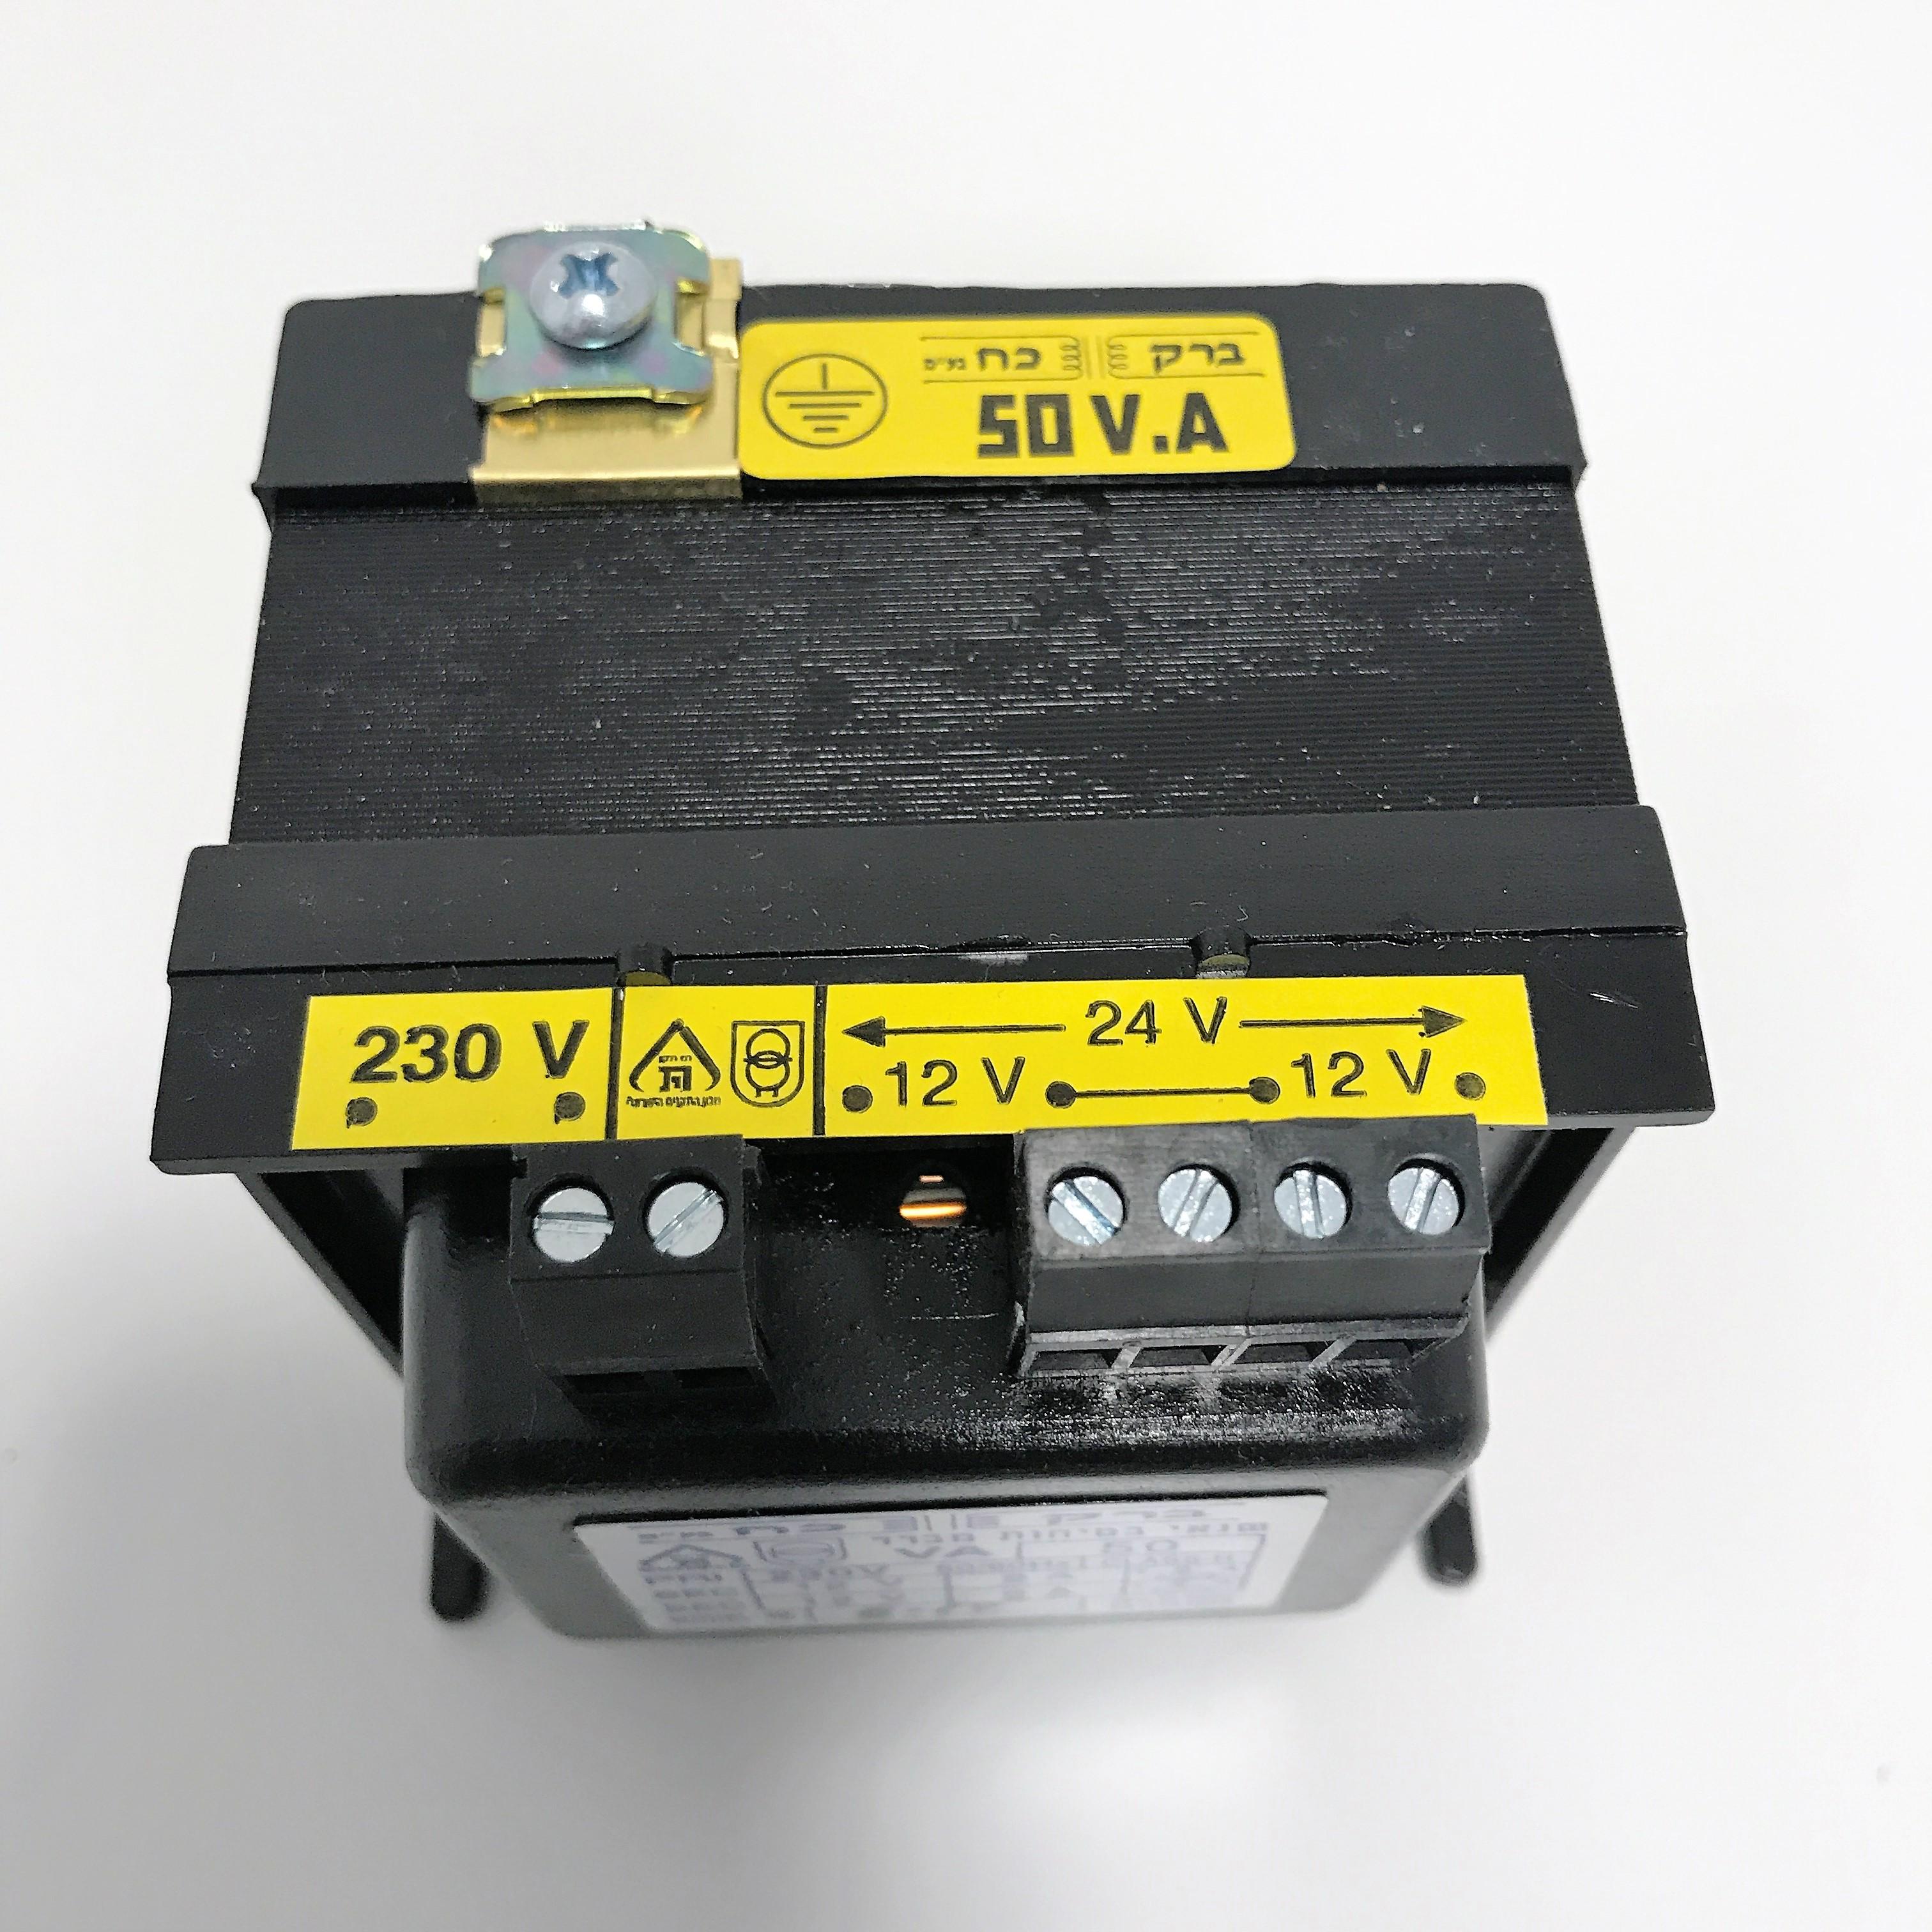 שנאי מבדל בהספק 50VA במתחים 230V-12V+12V